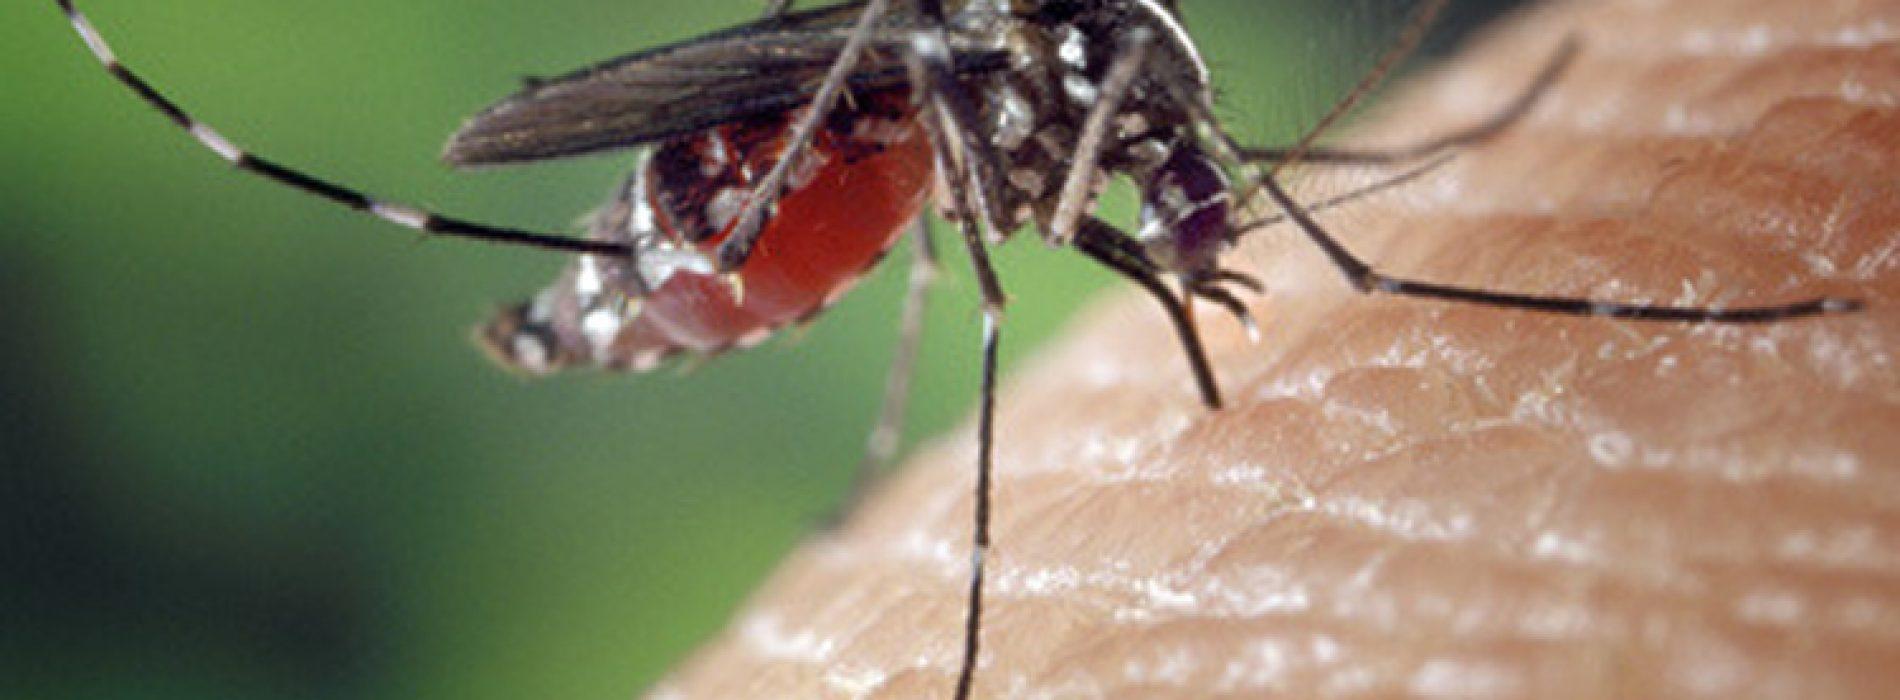 Als jij altijd het doelwit bent van muggen dan moet je dit echt even weten.